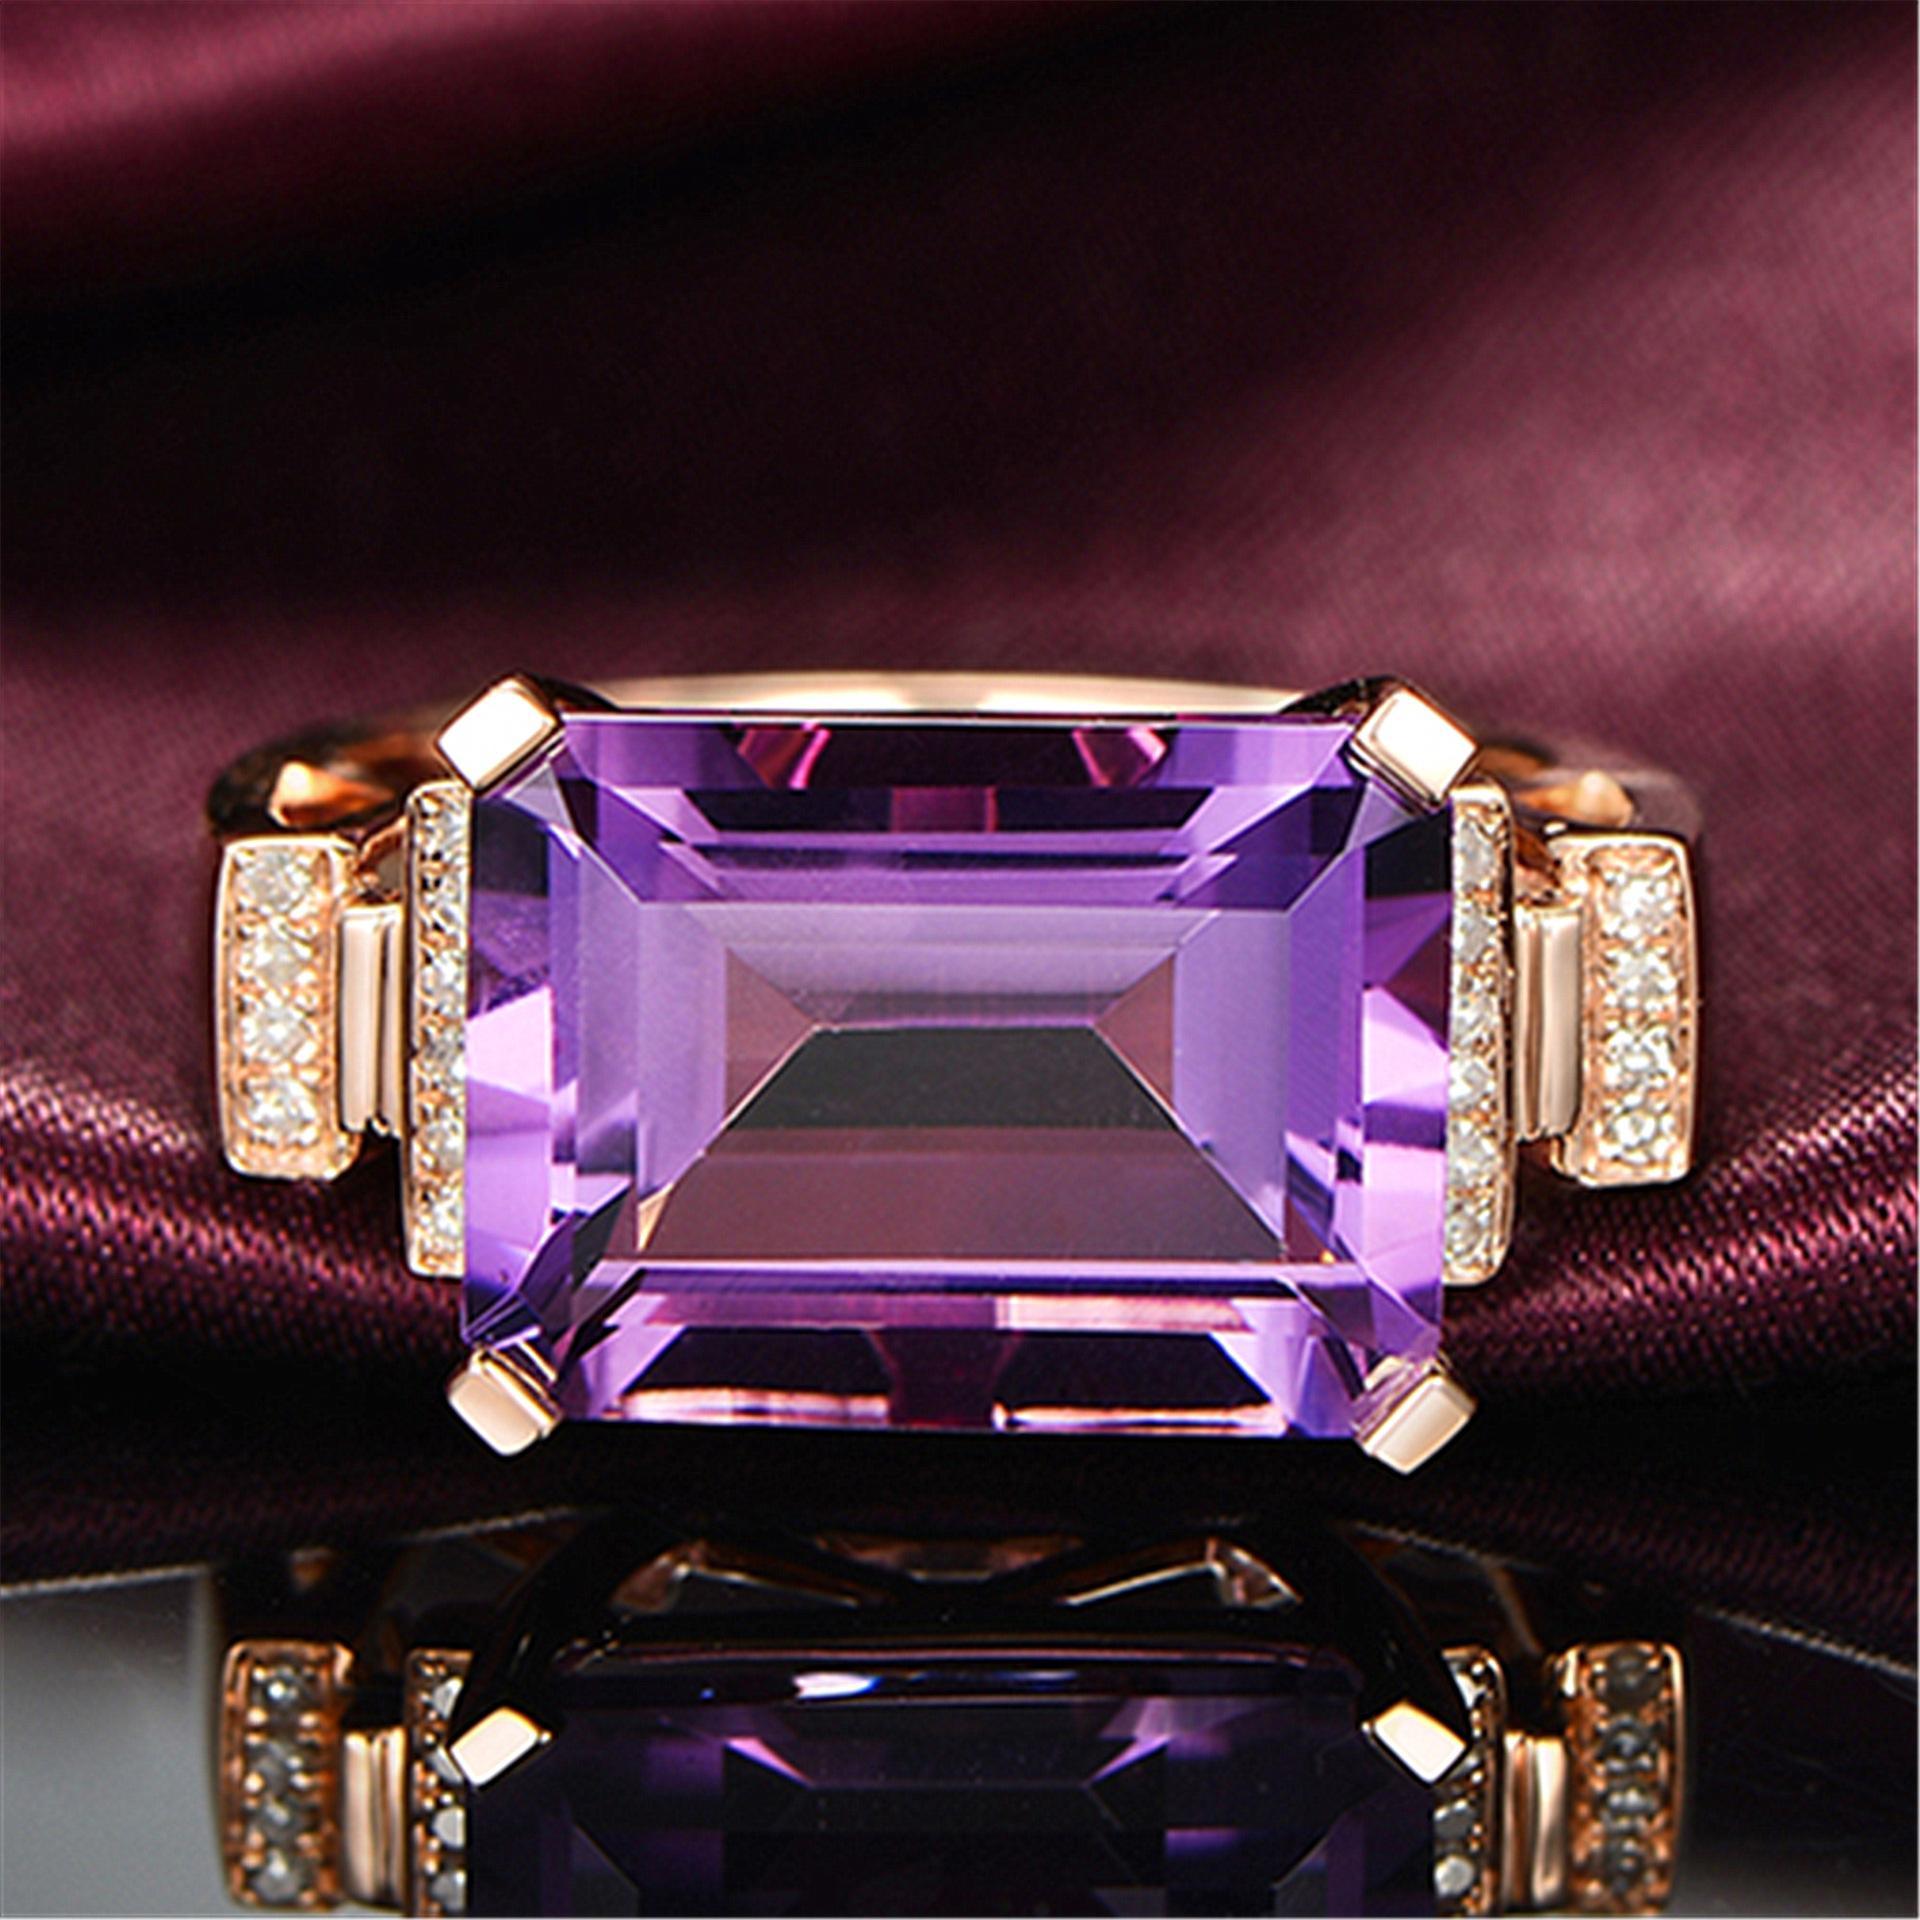 새로운 도착 여성 패션 쥬얼리 최고 품질 빛나는 크리스탈 로즈 골드 컬러의 결혼 반지에 대한 큰 보라색 CZ 스톤 빈티지 반지